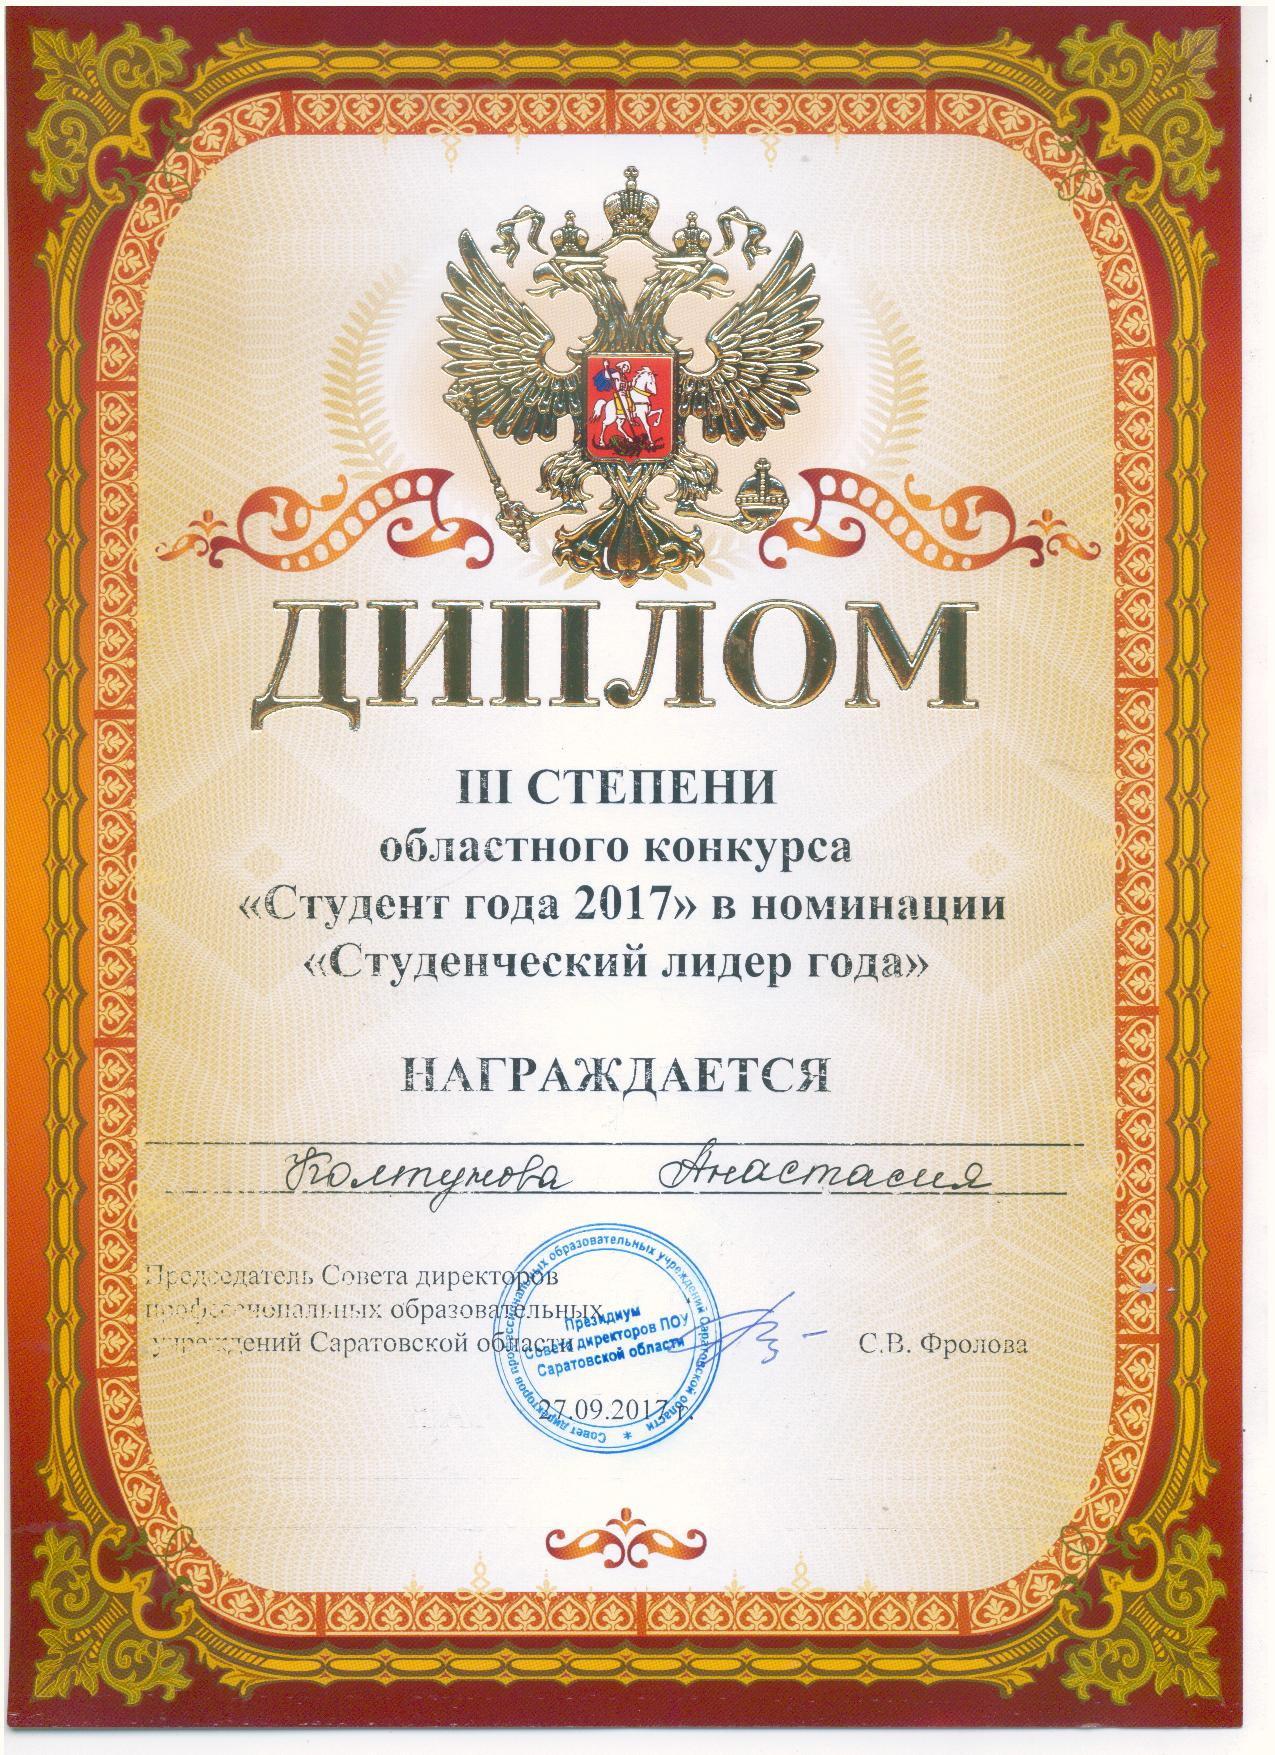 http://politehnikum-eng.ru/2017/09_28/54.jpg